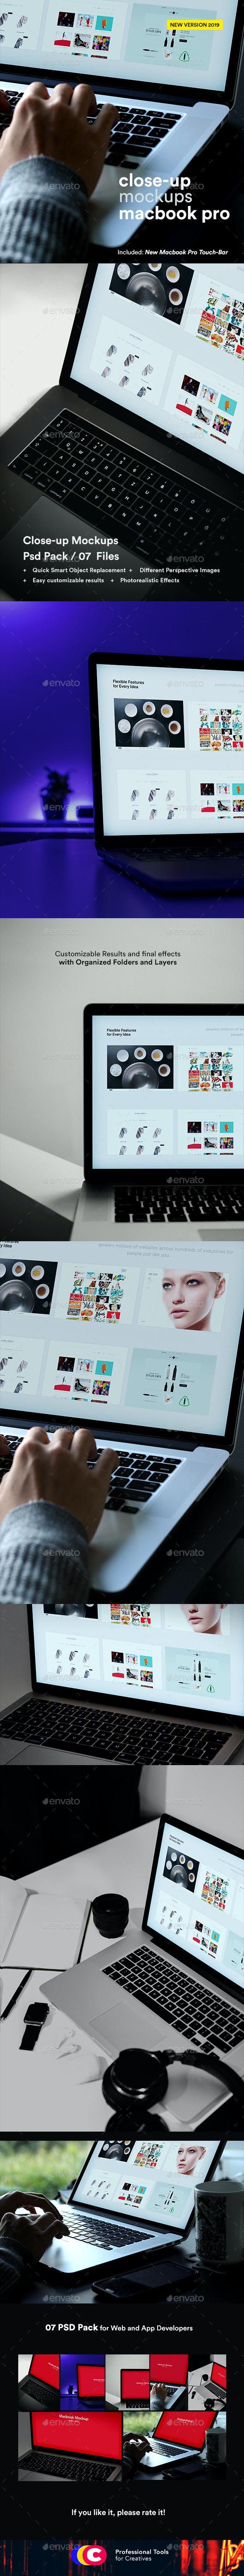 Laptop Mockups 9 - Laptop Displays